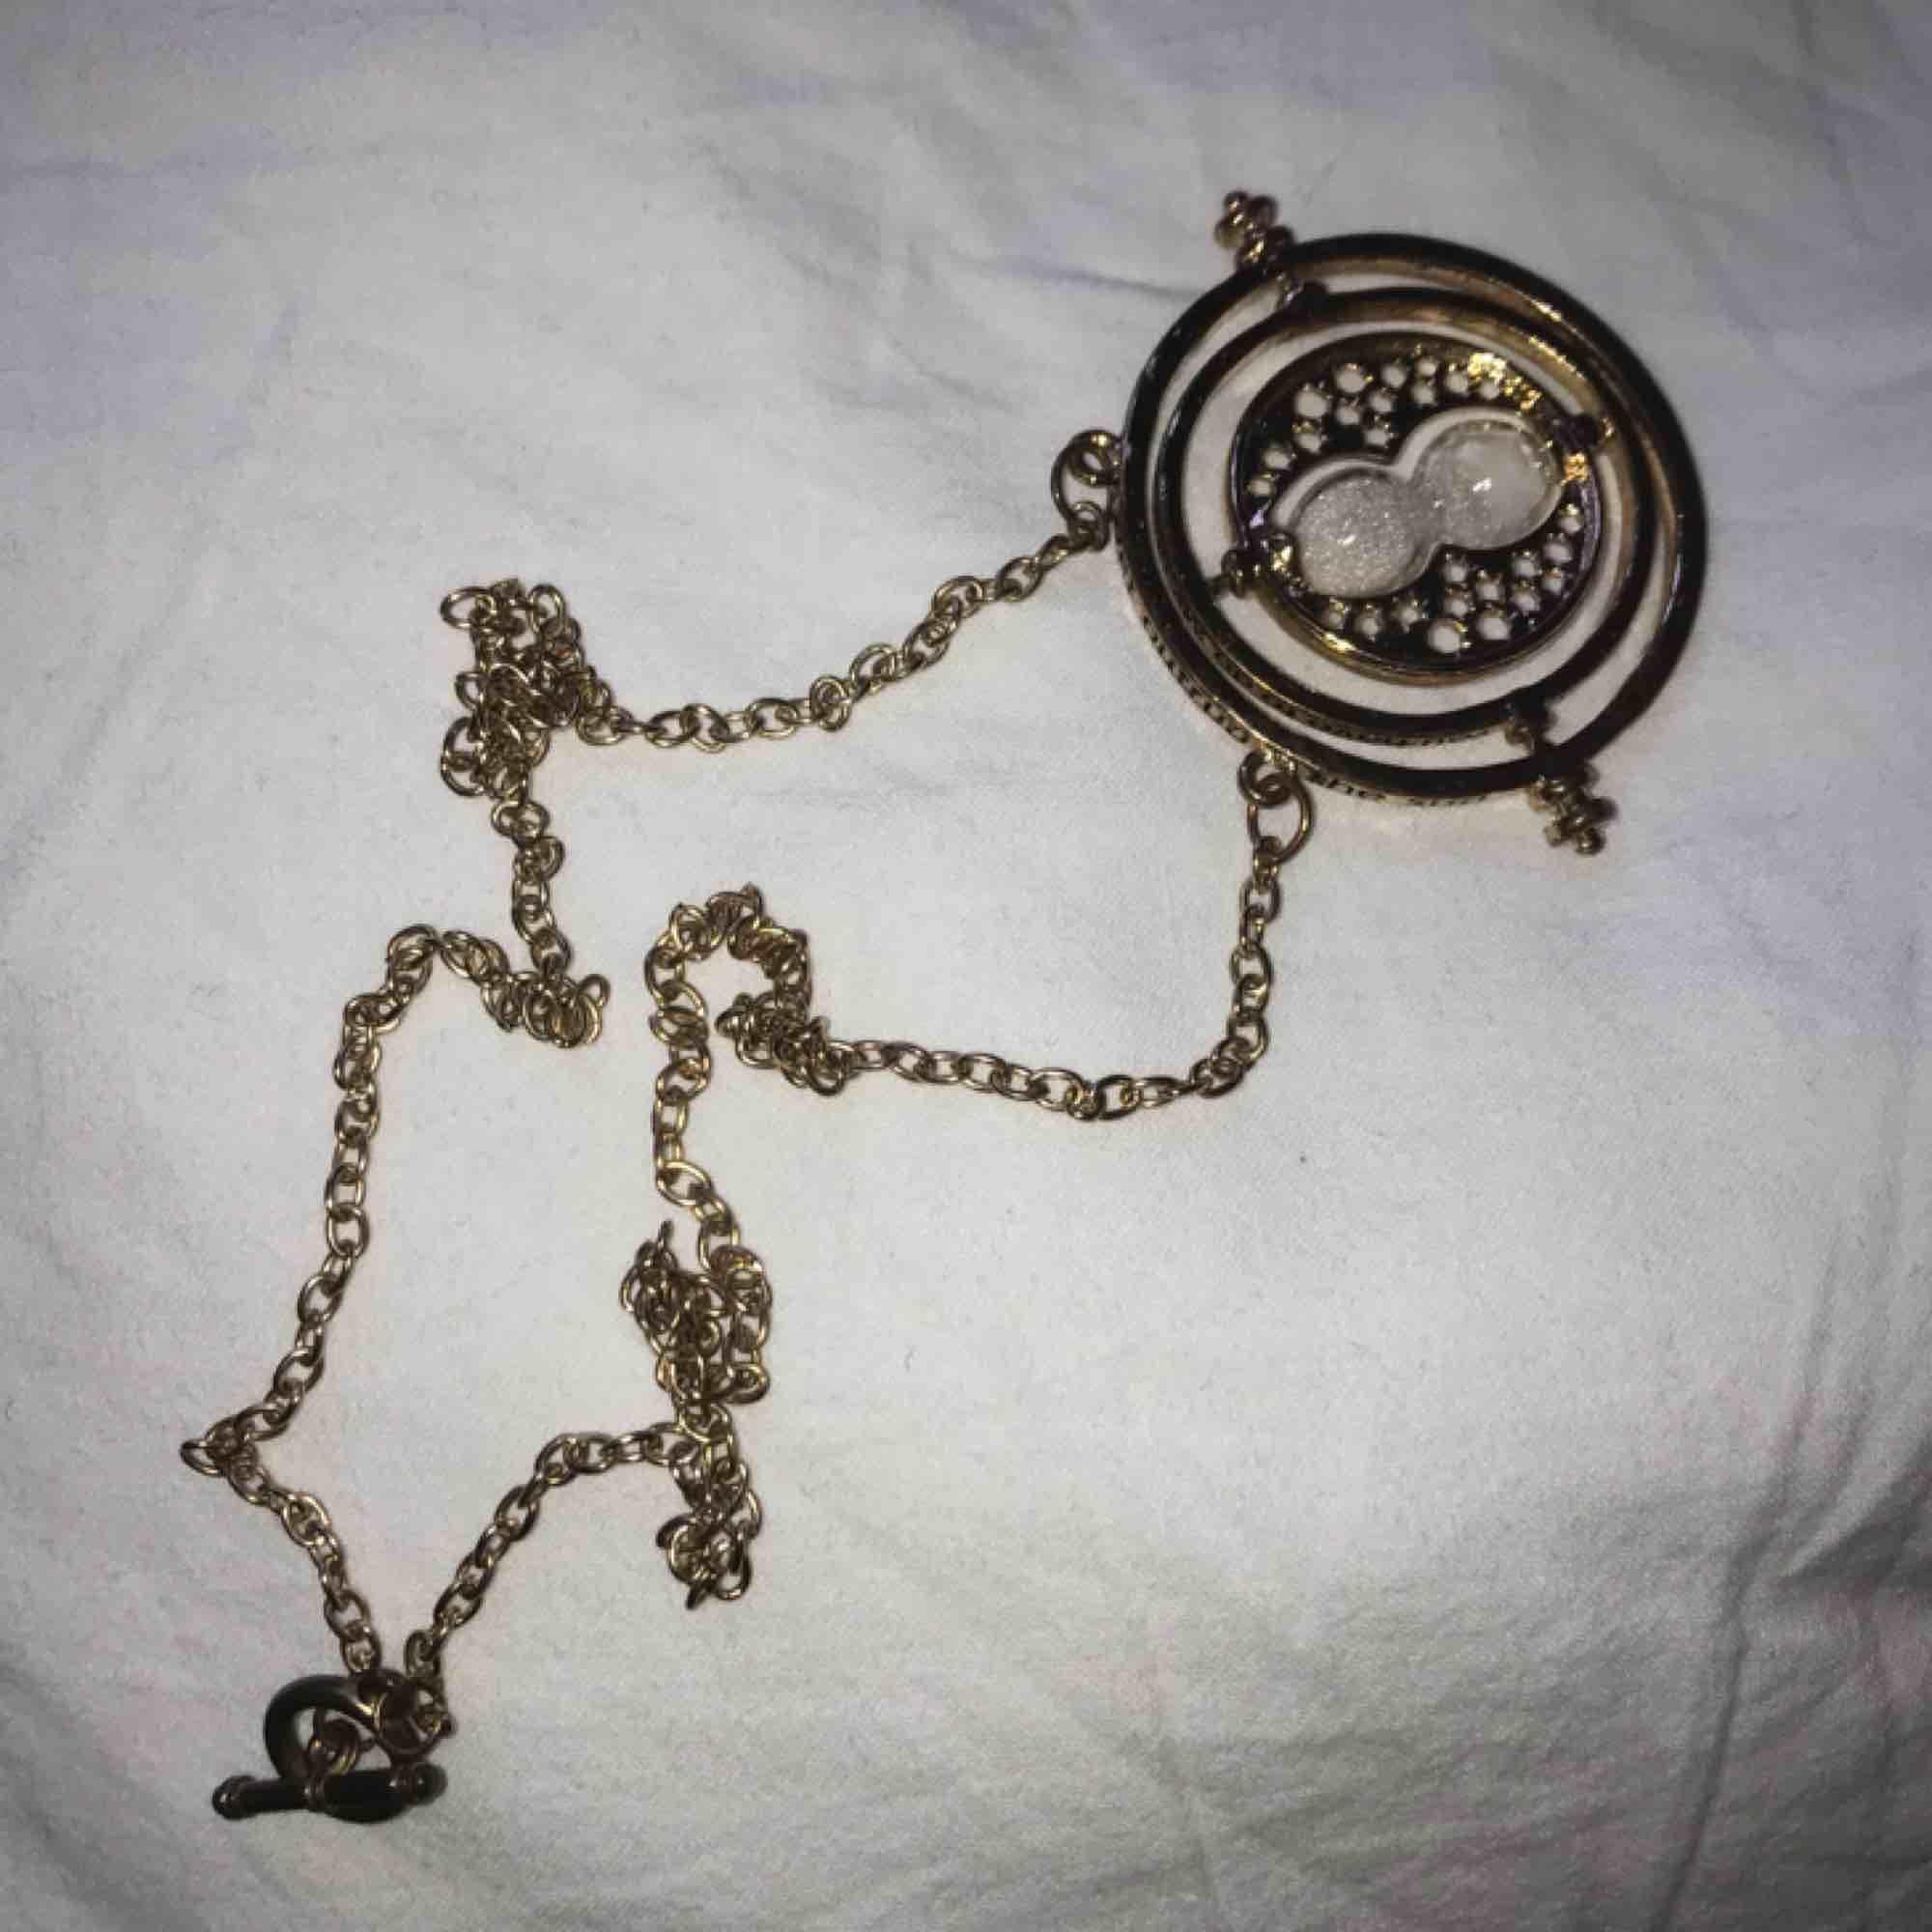 Smycke från Harry Potter. Priset kan diskuteras. Accessoarer.